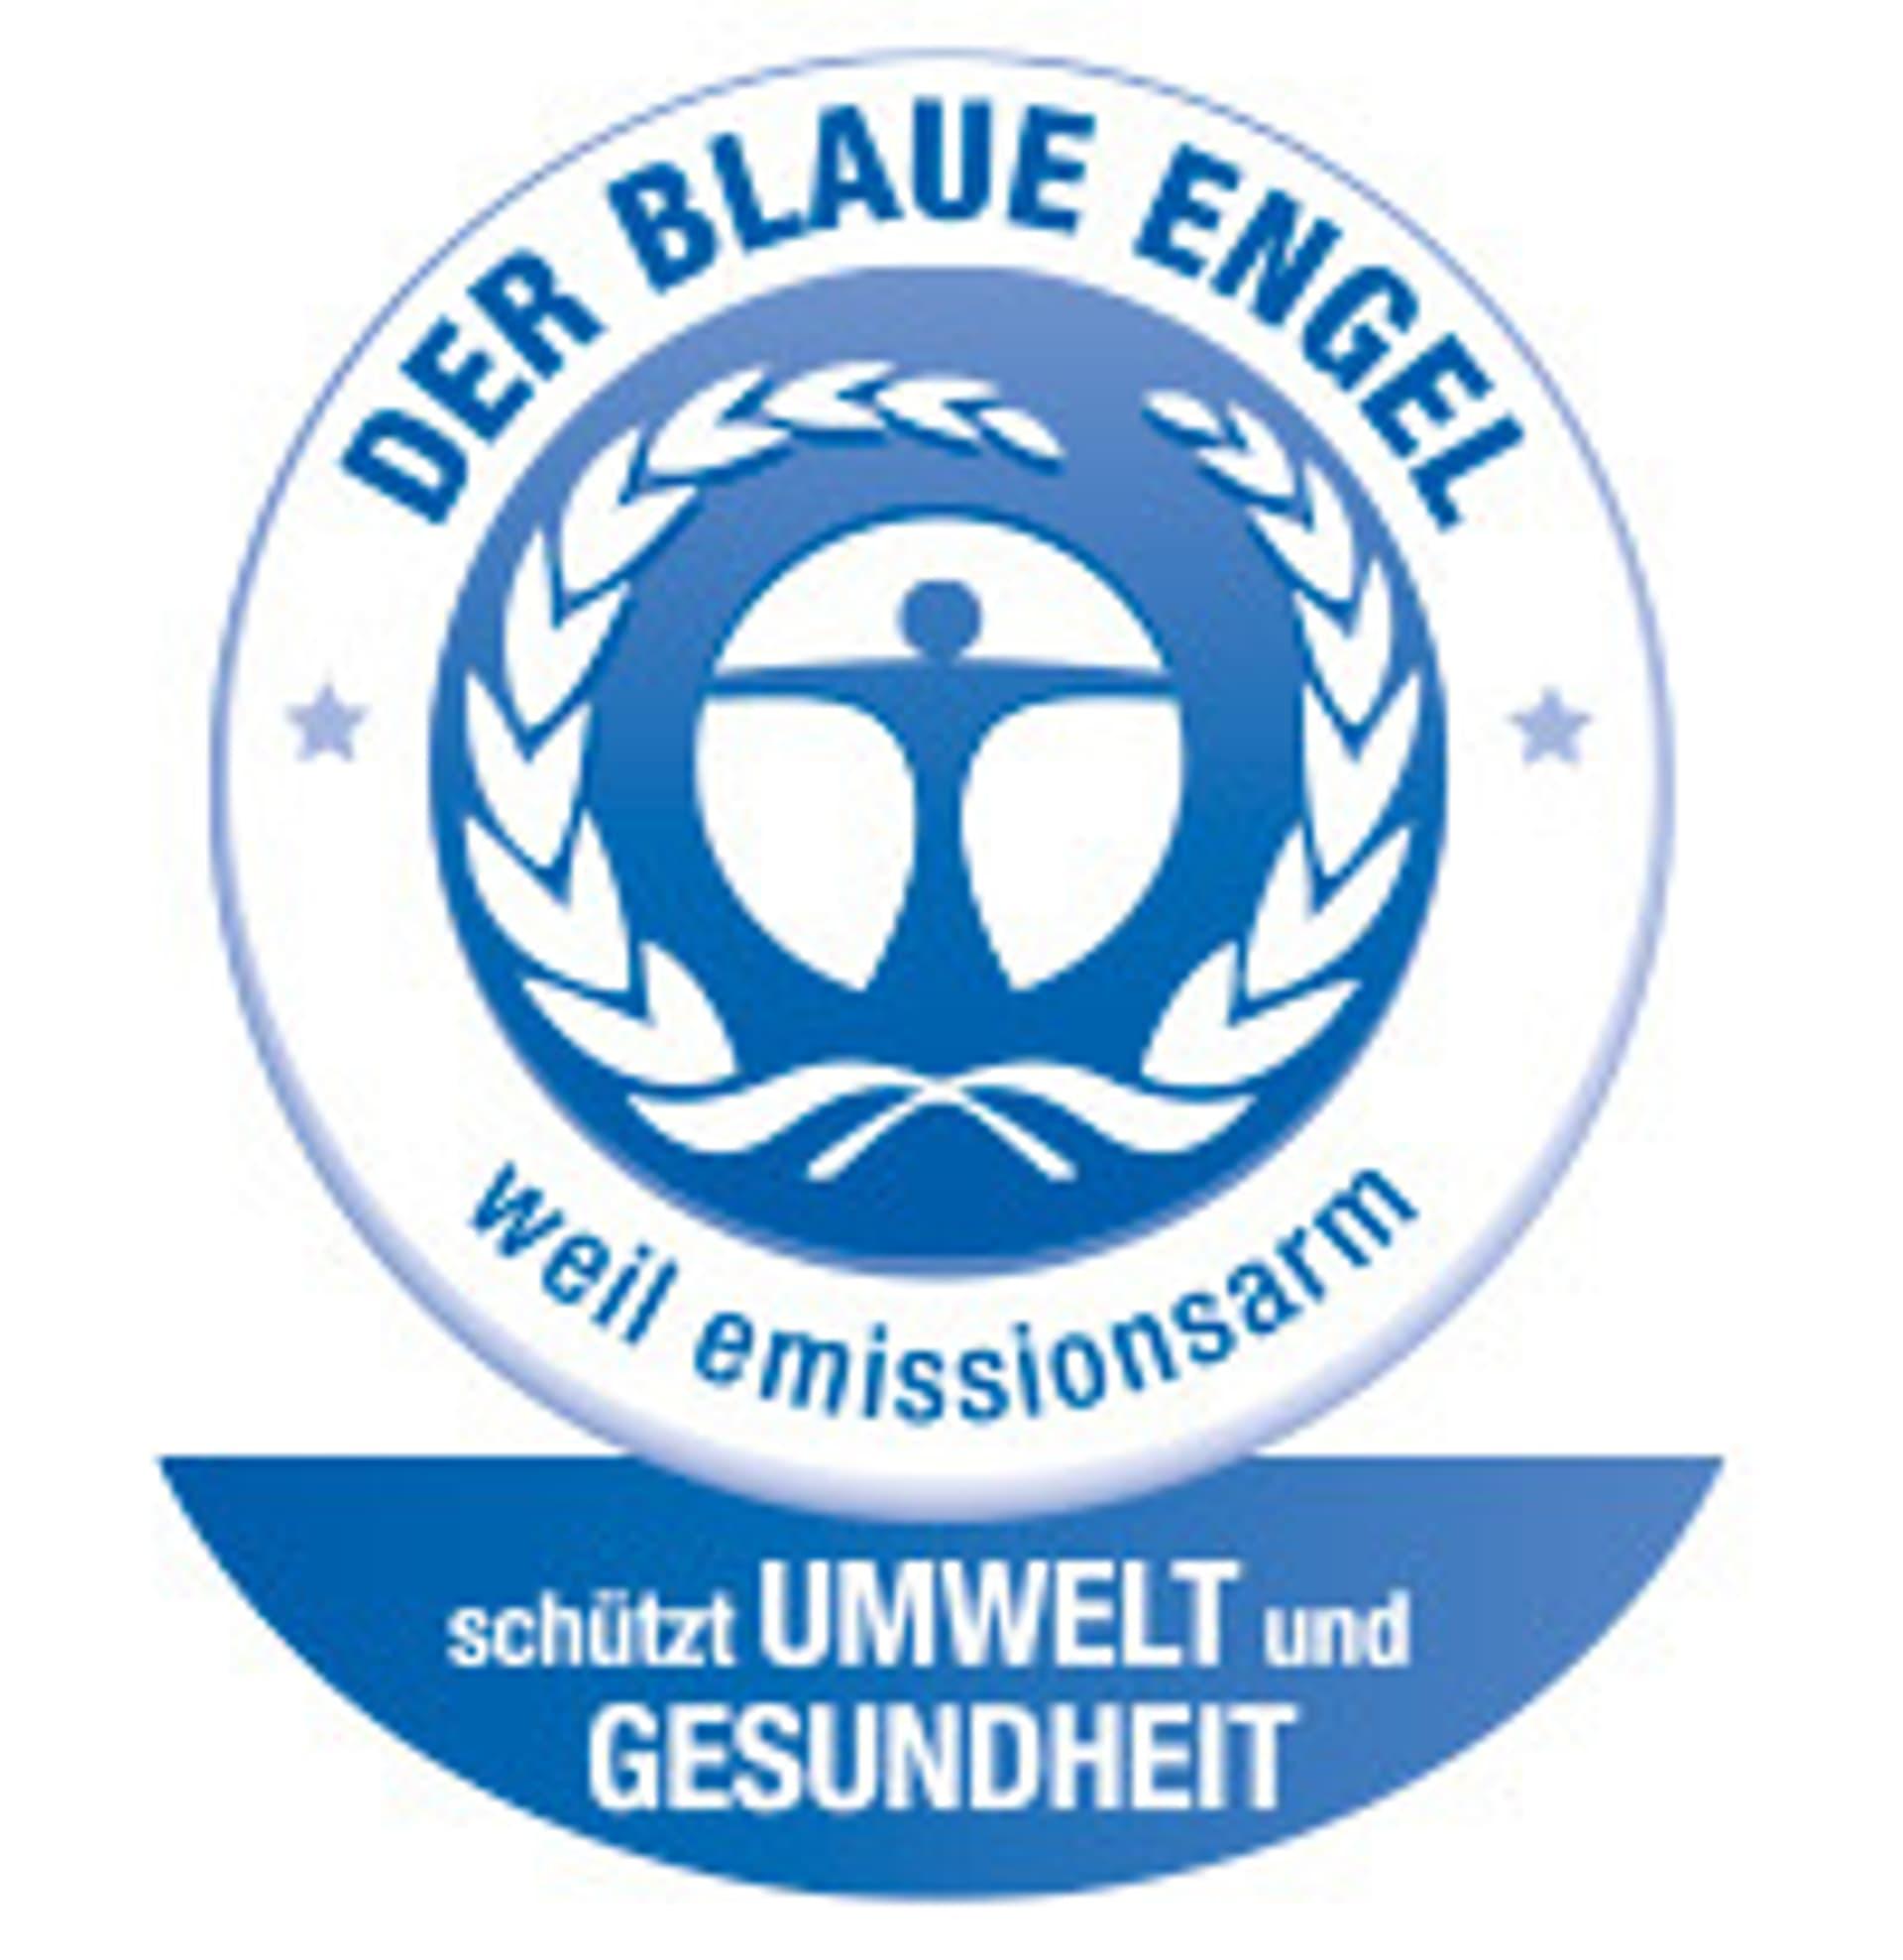 Blauer Engel Siegel